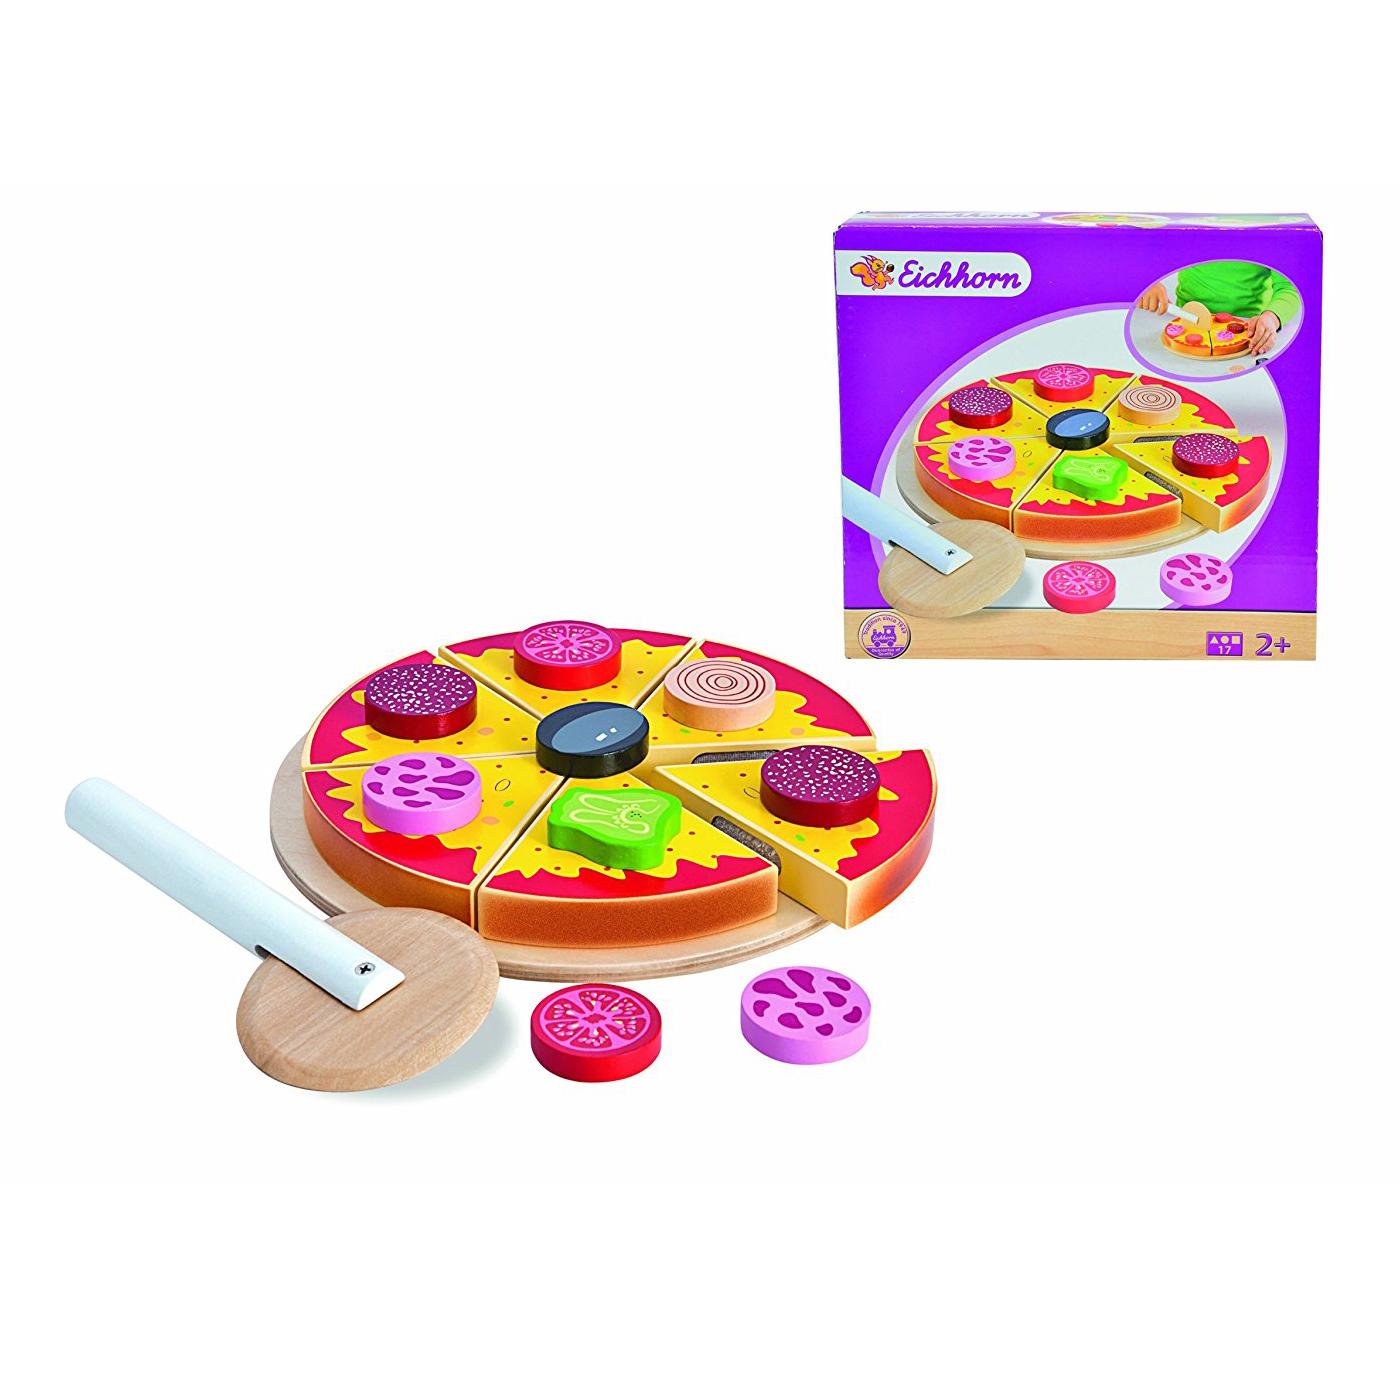 Игровой набор - Пицца, 17 предметовАксессуары и техника для детской кухни<br>Игровой набор - Пицца, 17 предметов<br>